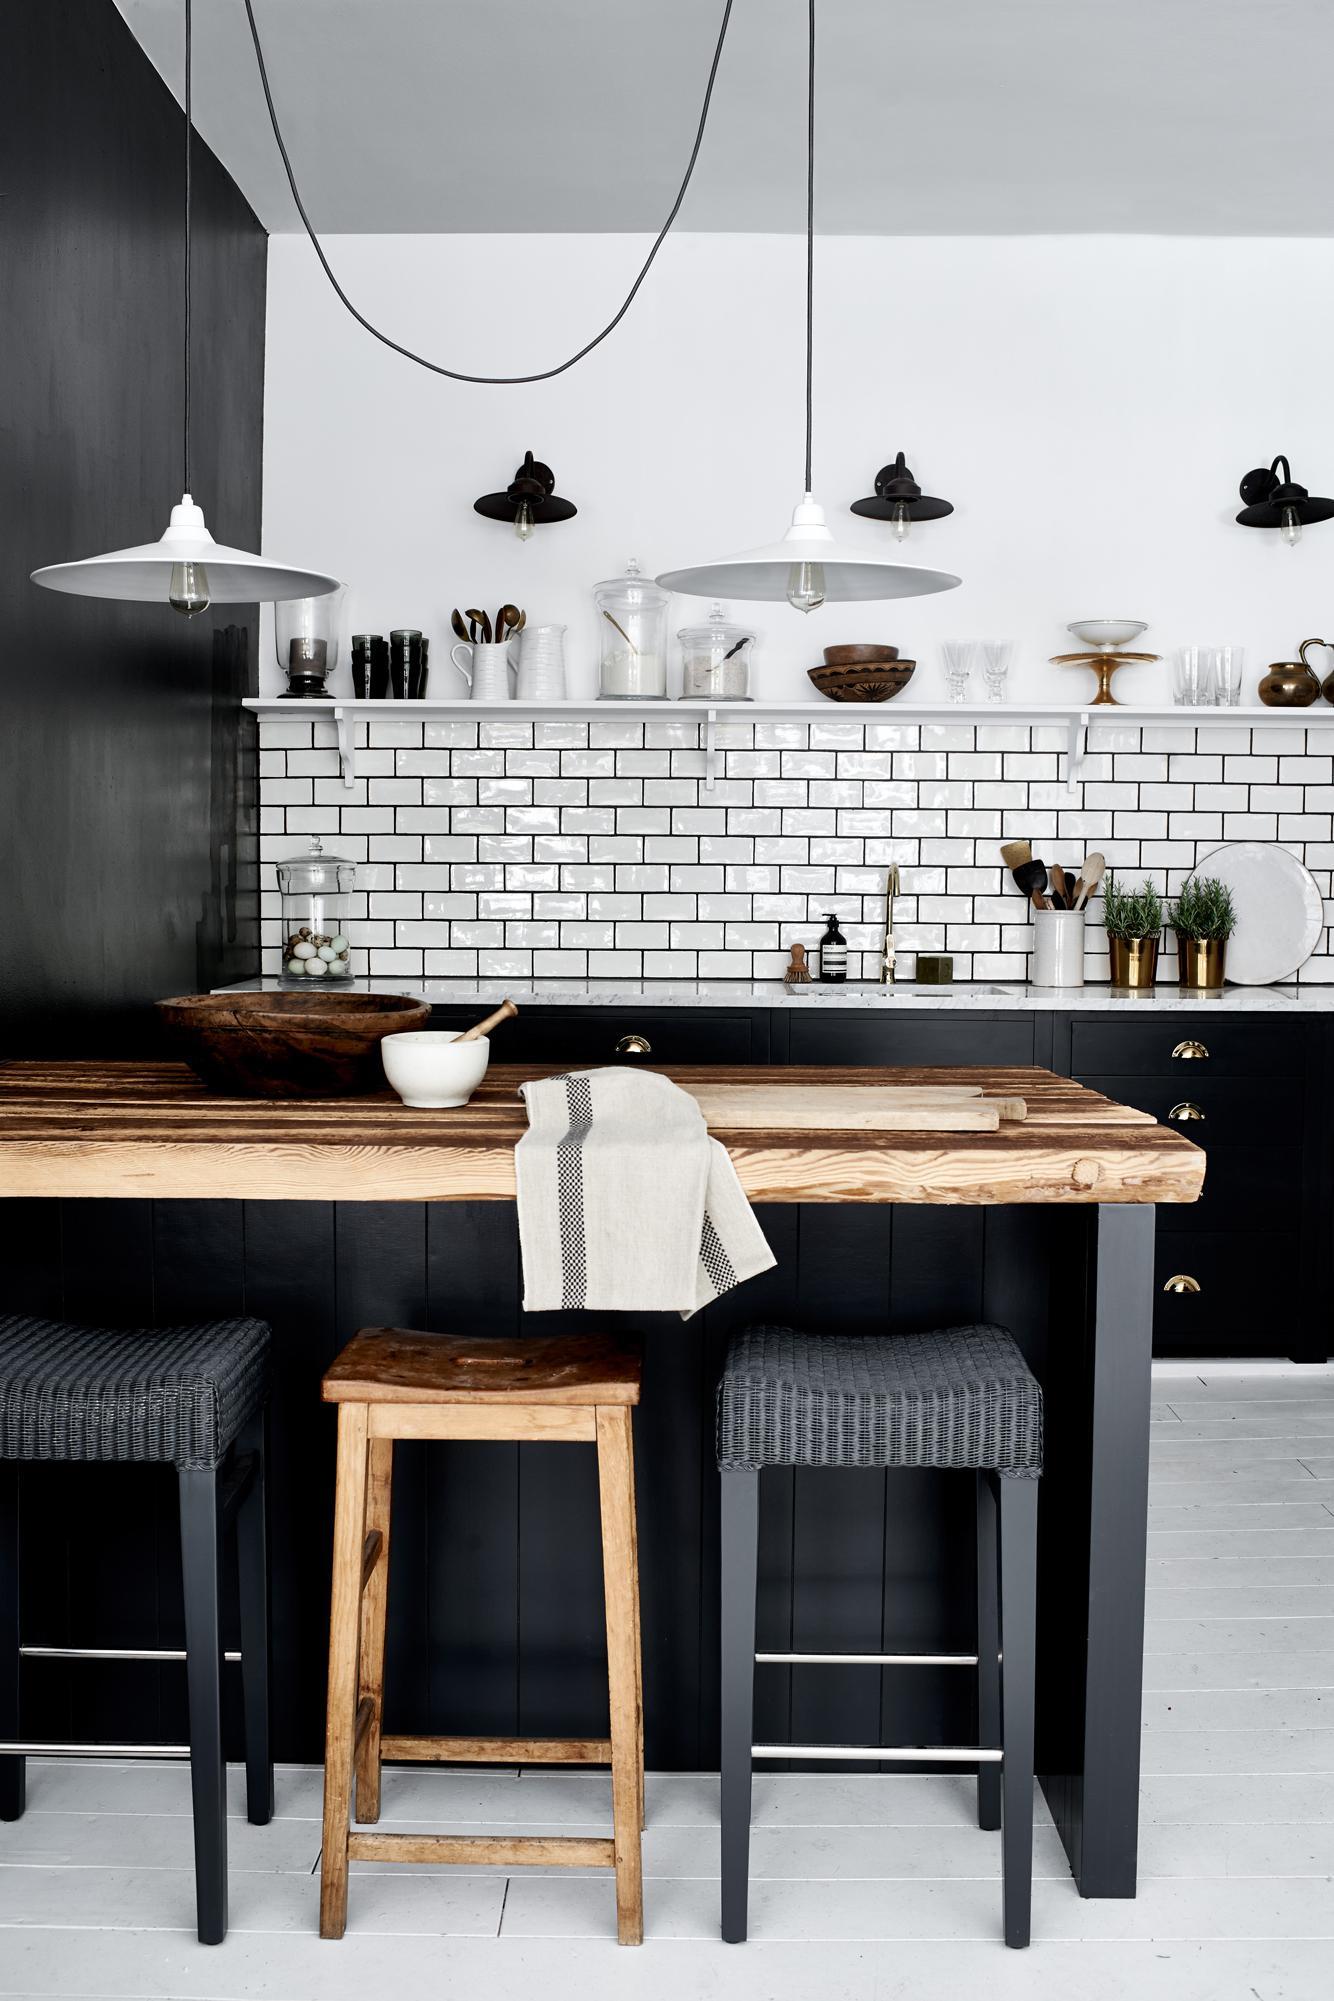 küchentresen aus holz #küche #hocker #pendelleuchte ... ? couchstyle - Hocker Für Küche